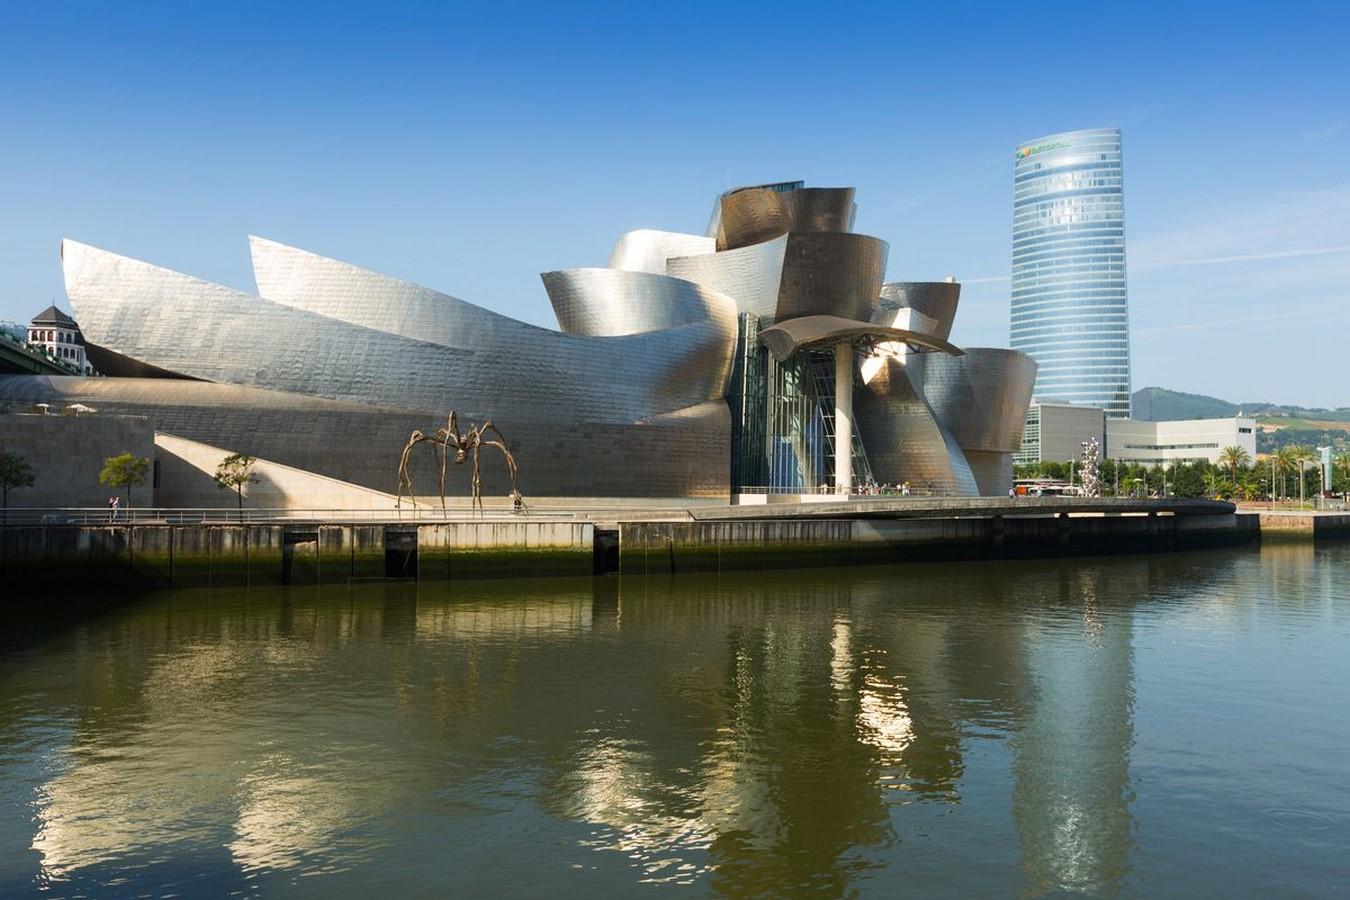 Guggenheim Museum, New York City, United States